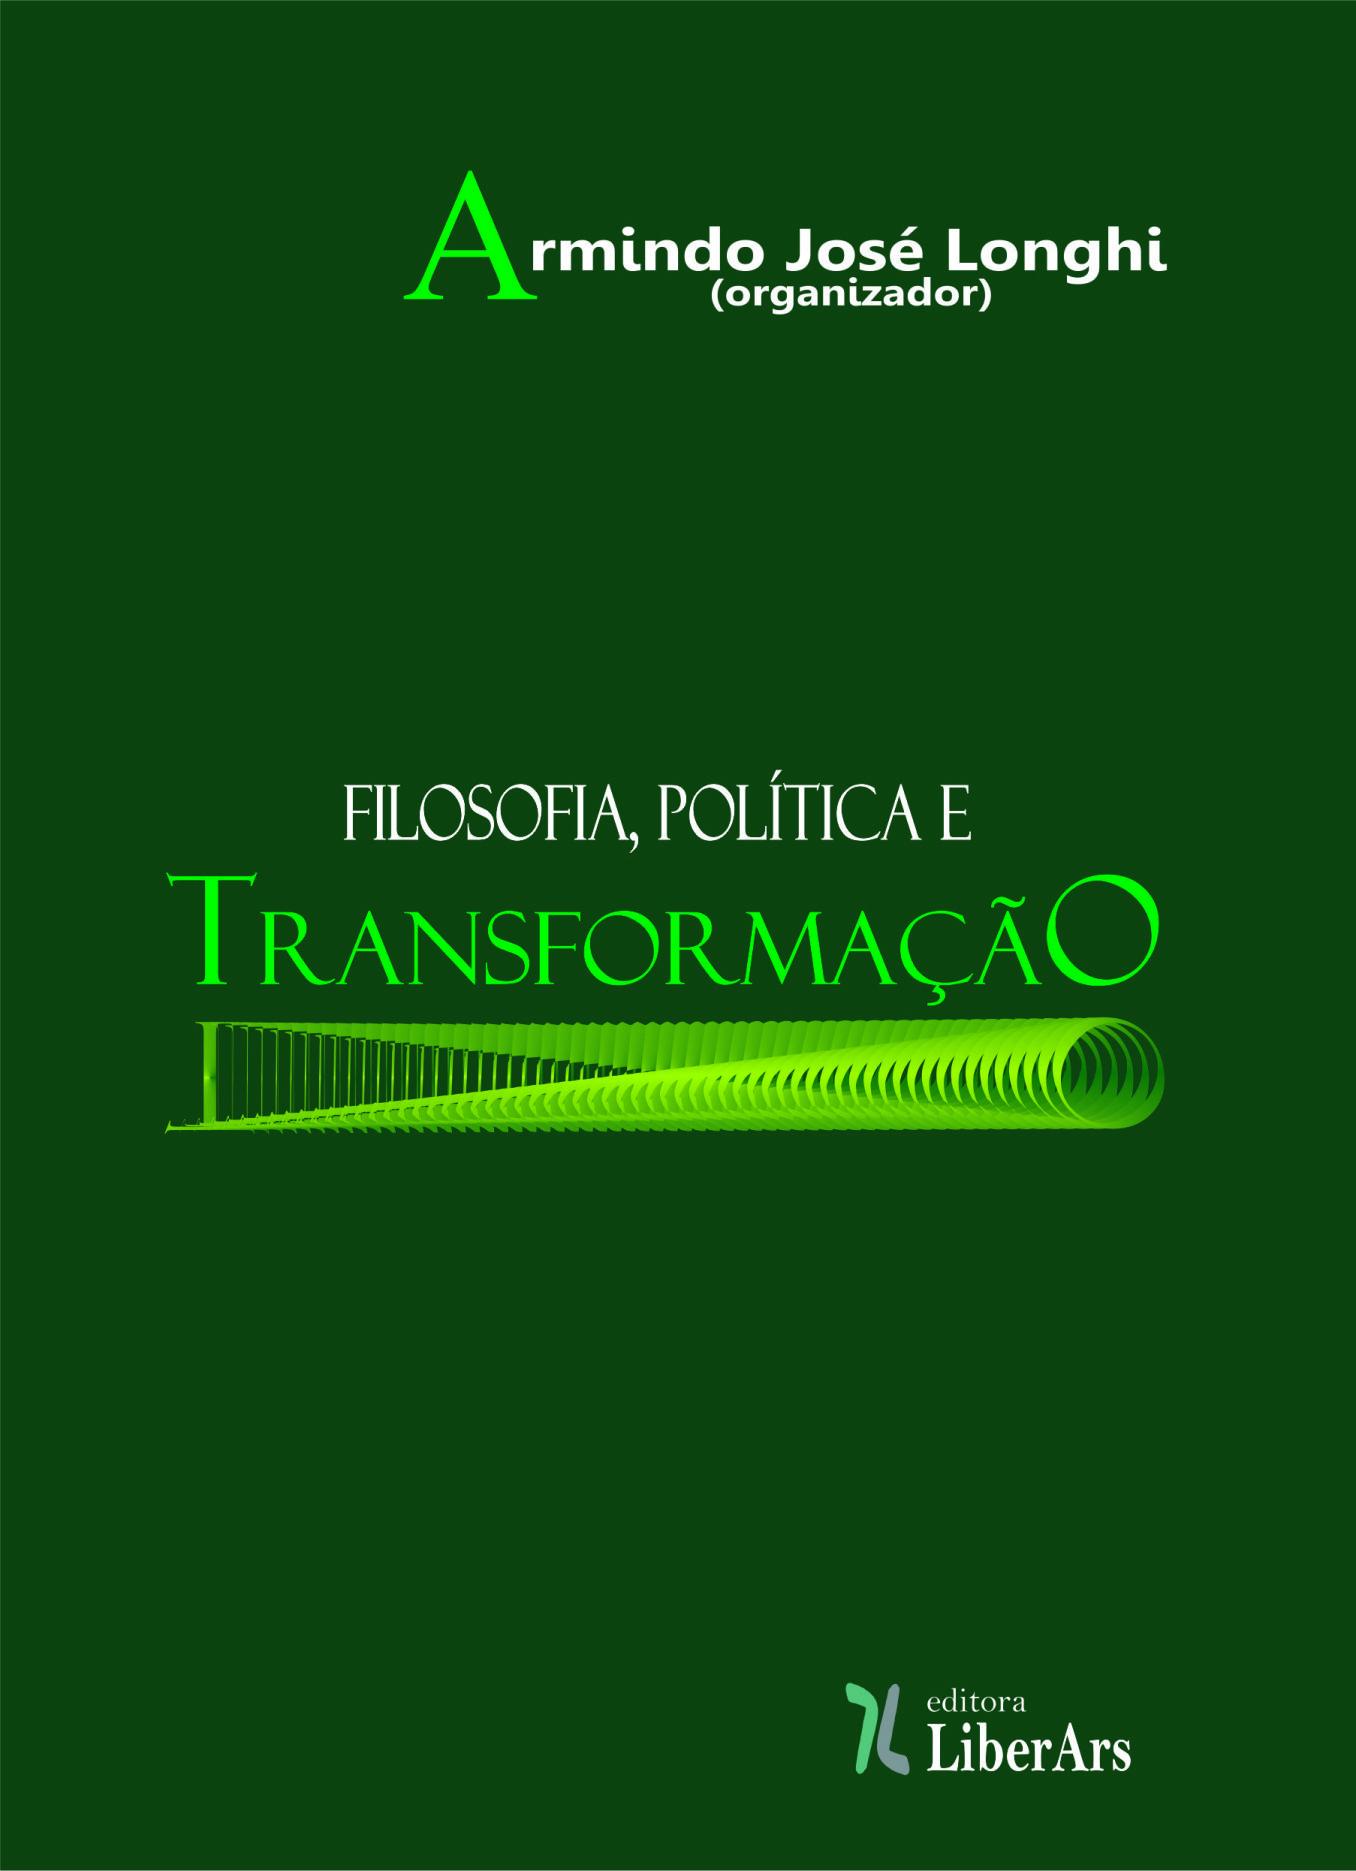 Filosofia, política e transformação, livro de Armindo José Longhi